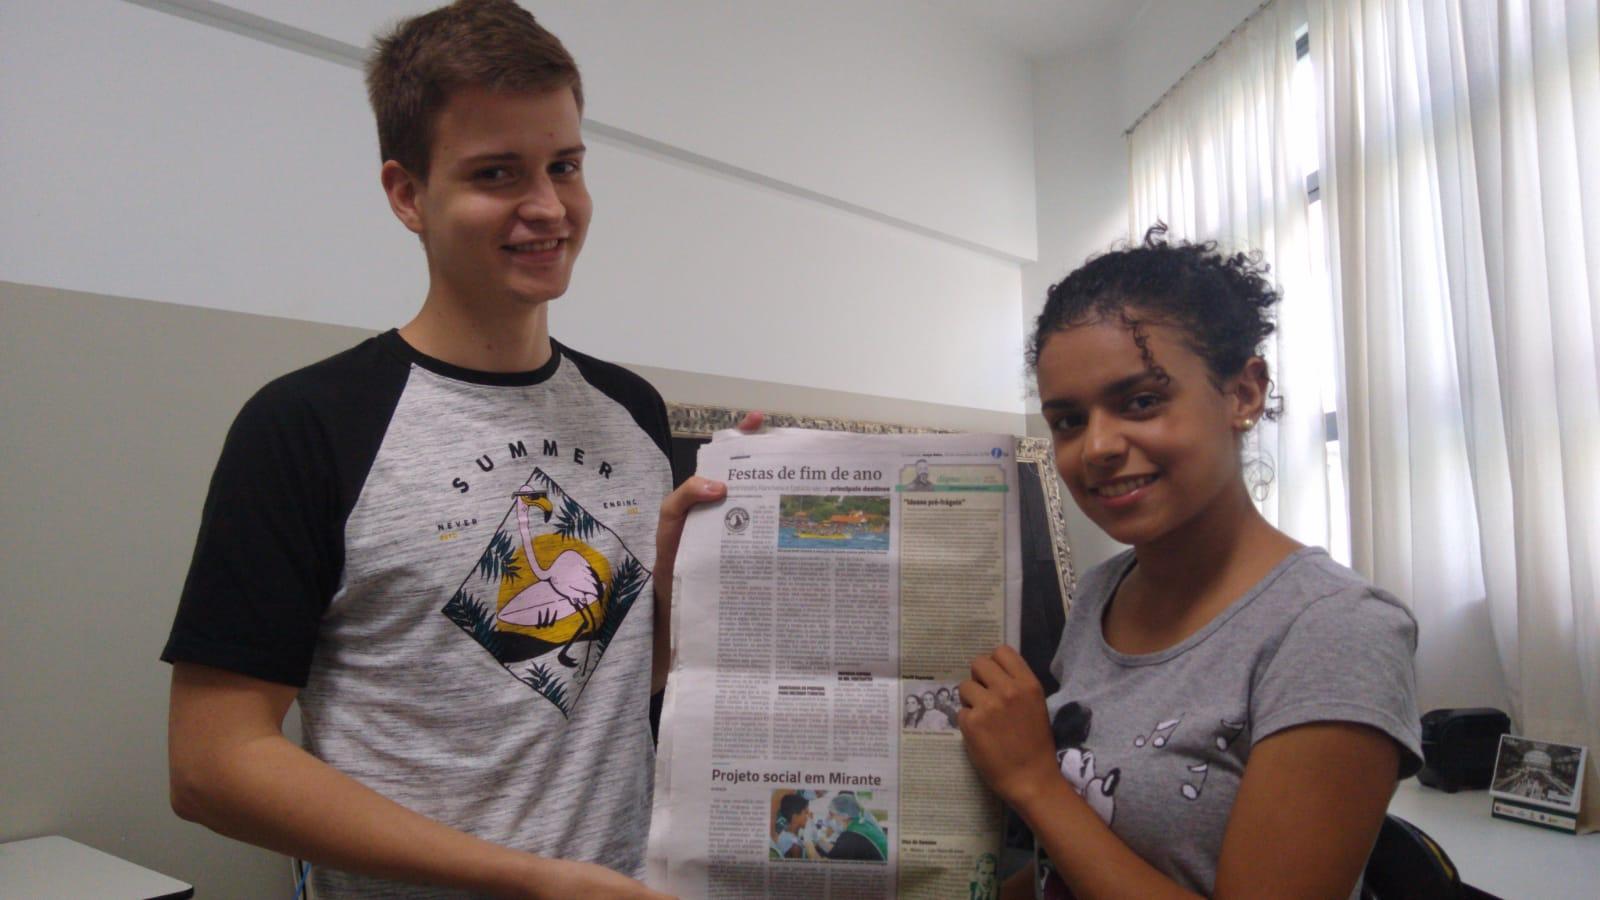 Graduandos têm matéria publicada no jornal O Imparcial